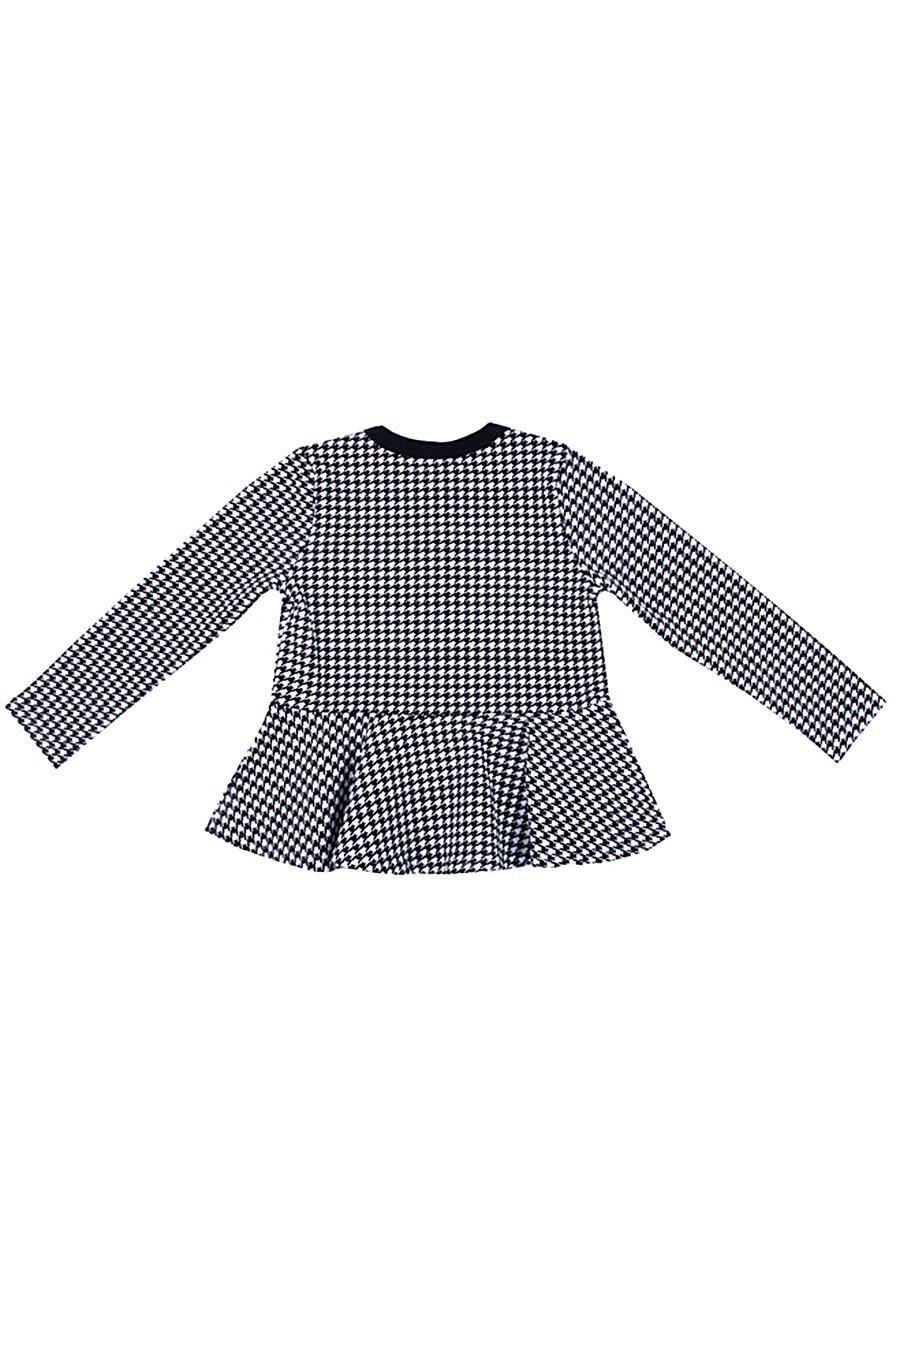 Жакет  для девочек АПРЕЛЬ 699860 купить оптом от производителя. Совместная покупка детской одежды в OptMoyo